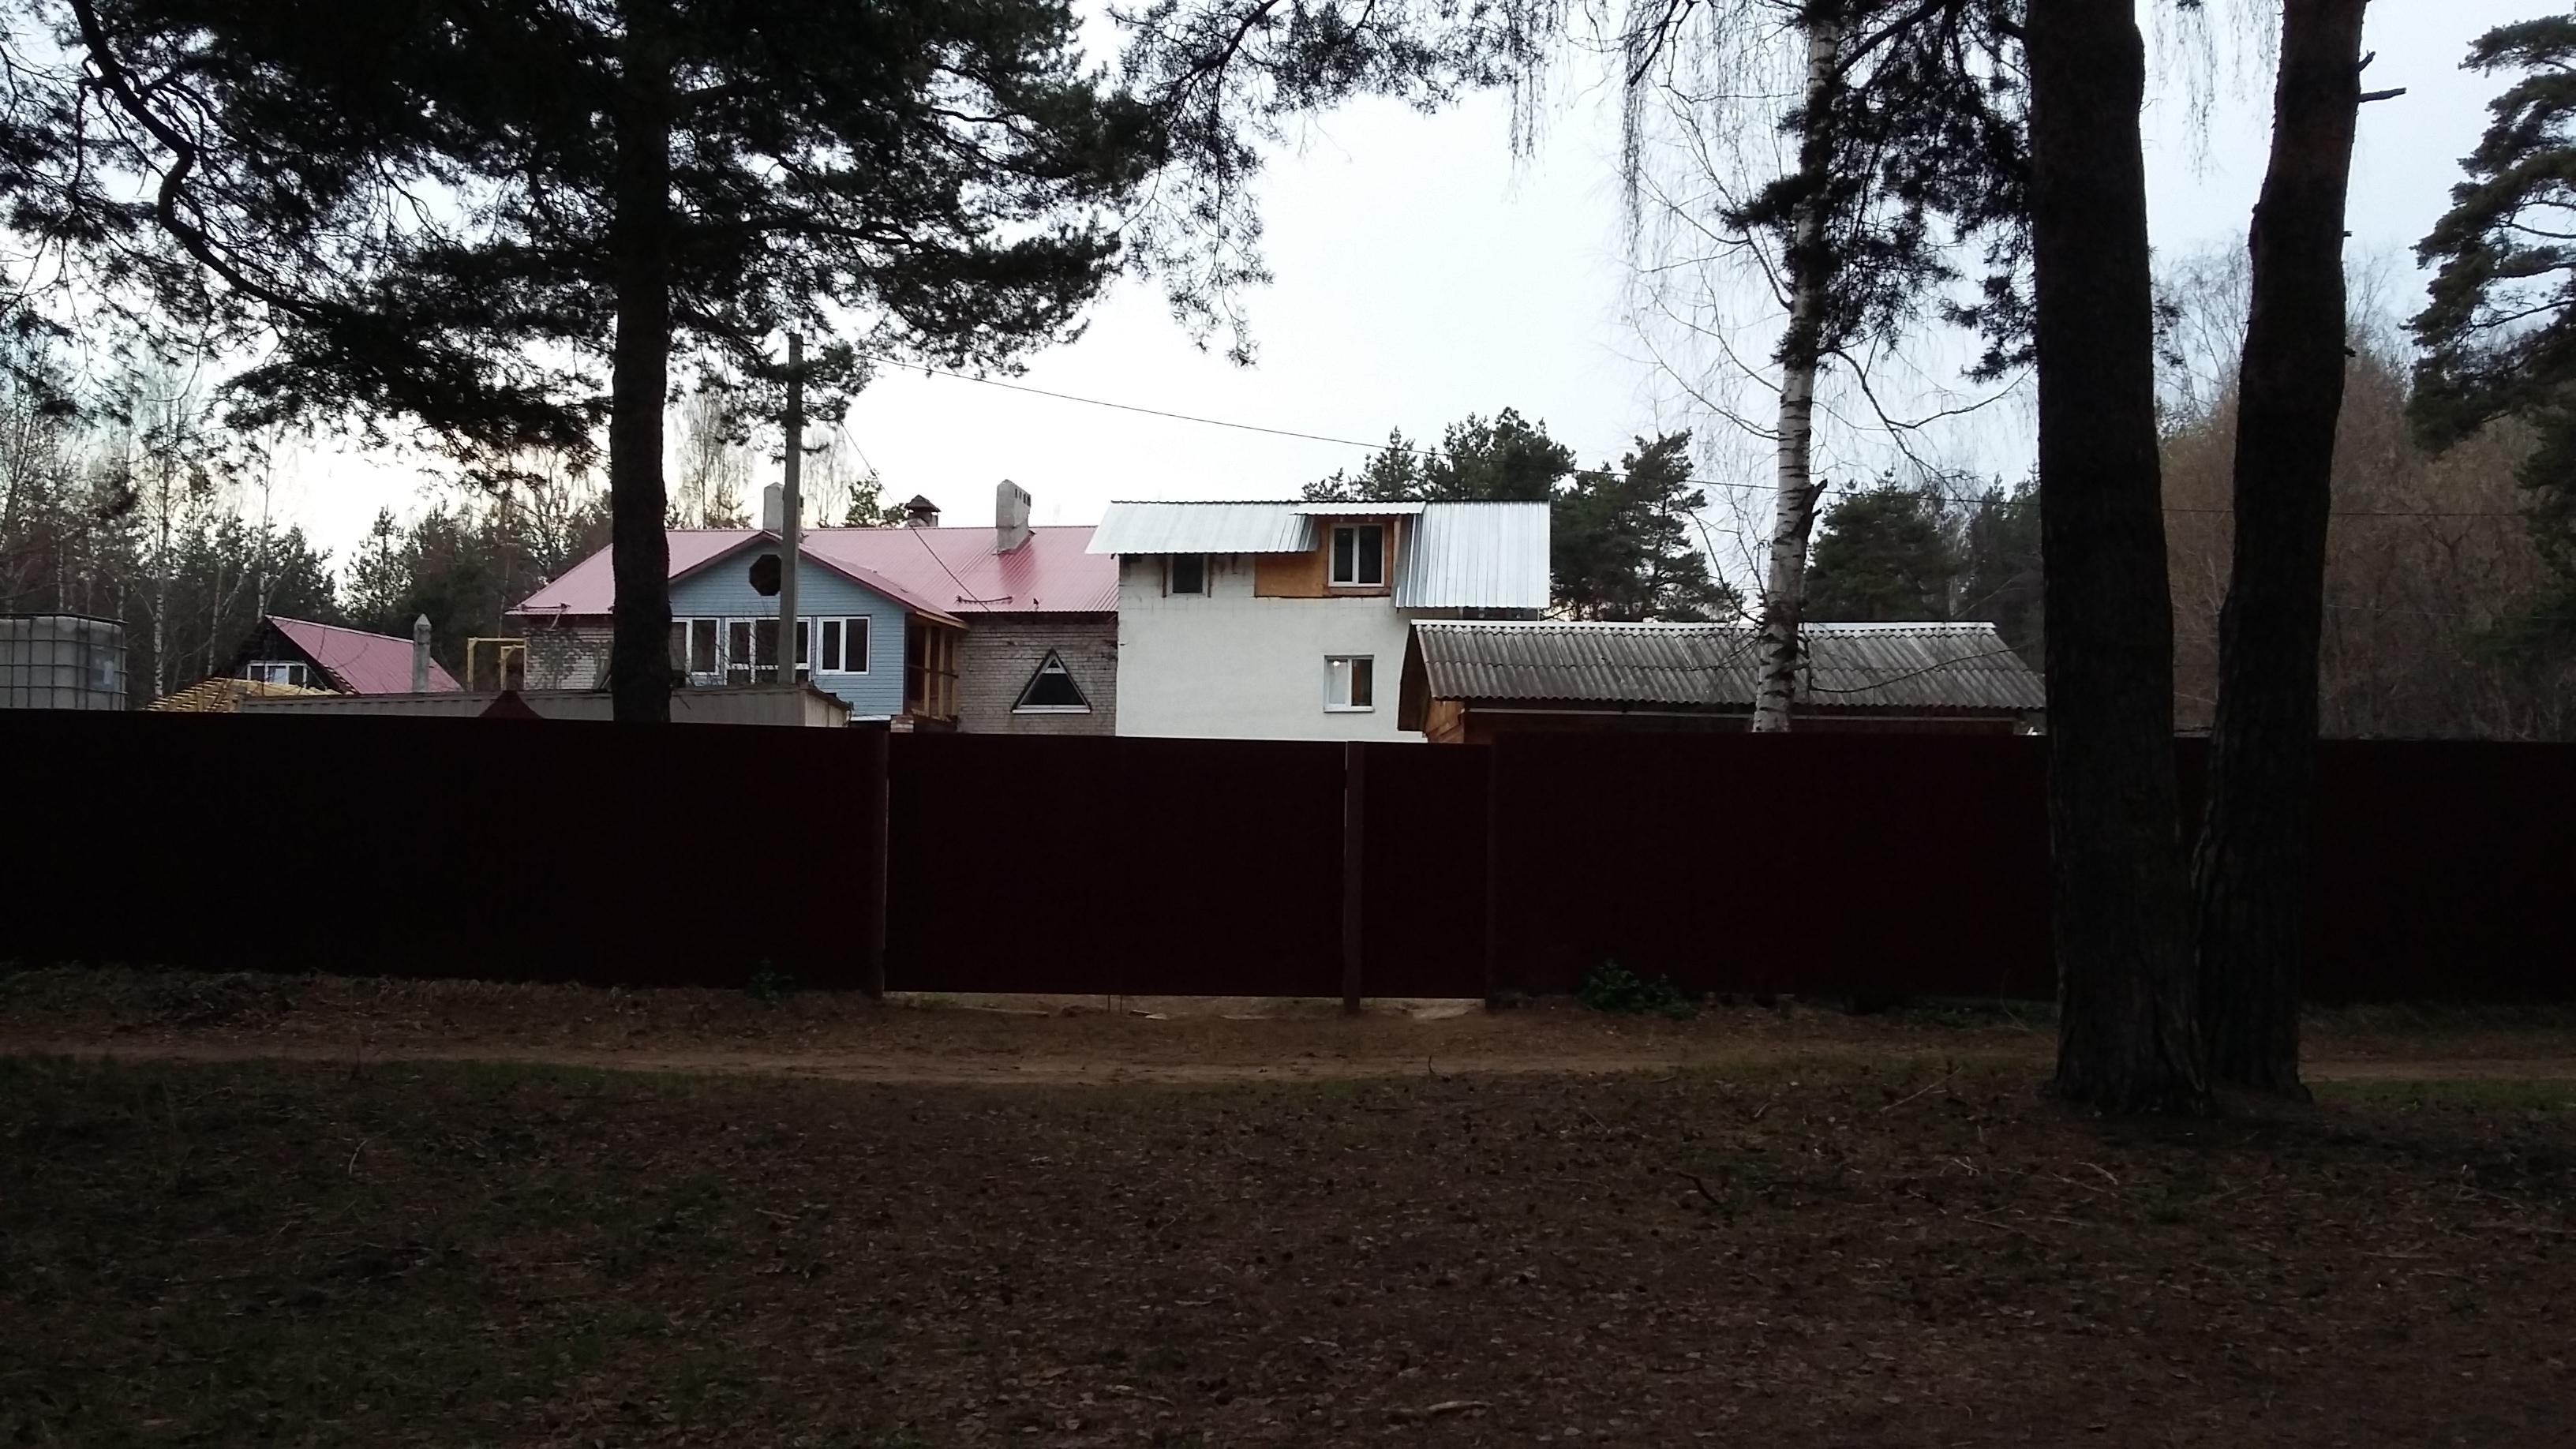 Как узнать через интернет кому принадлежит дом?